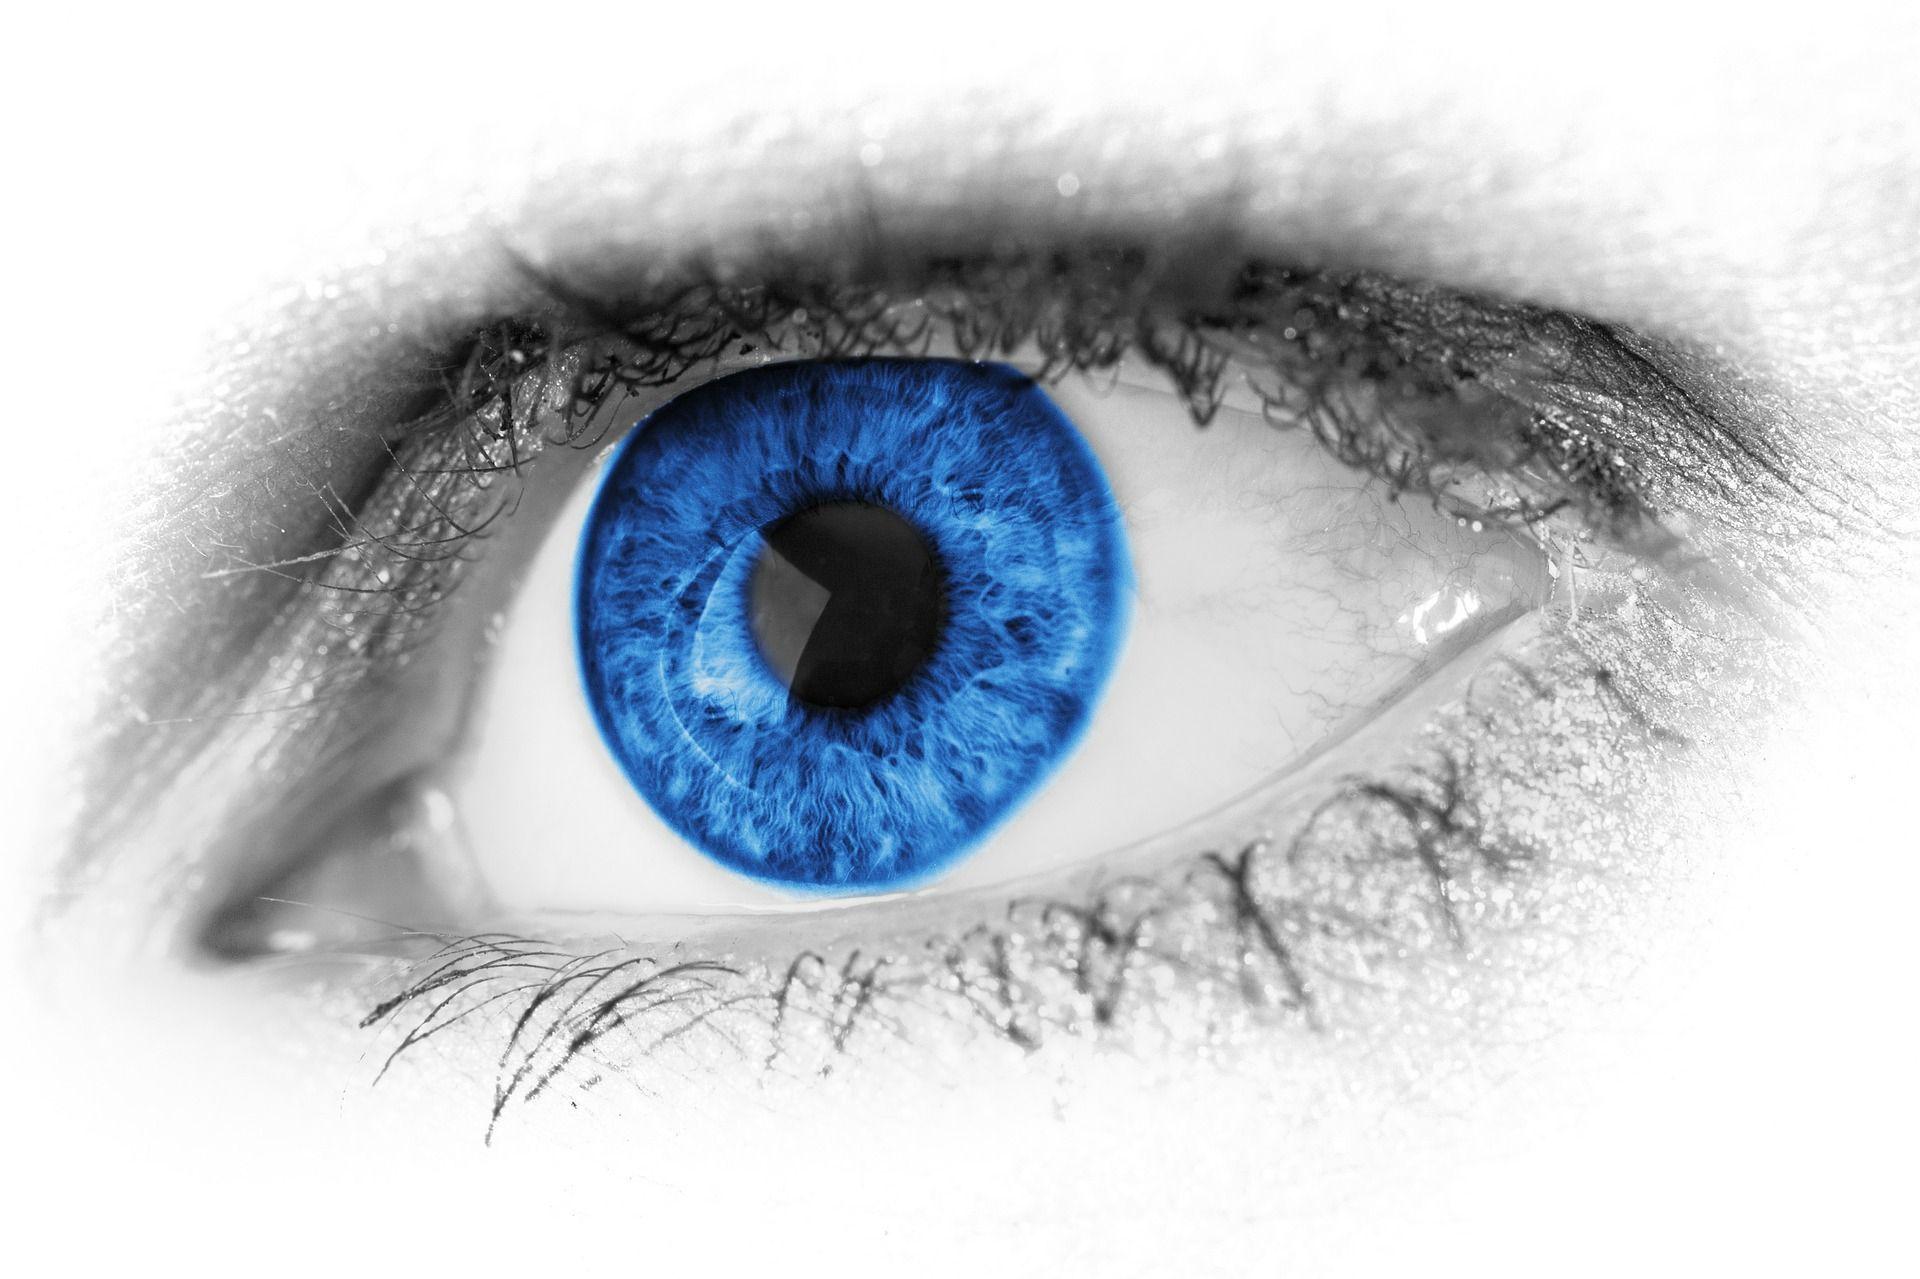 sabas que ucen el fondoud todos tenemos los ojos azules